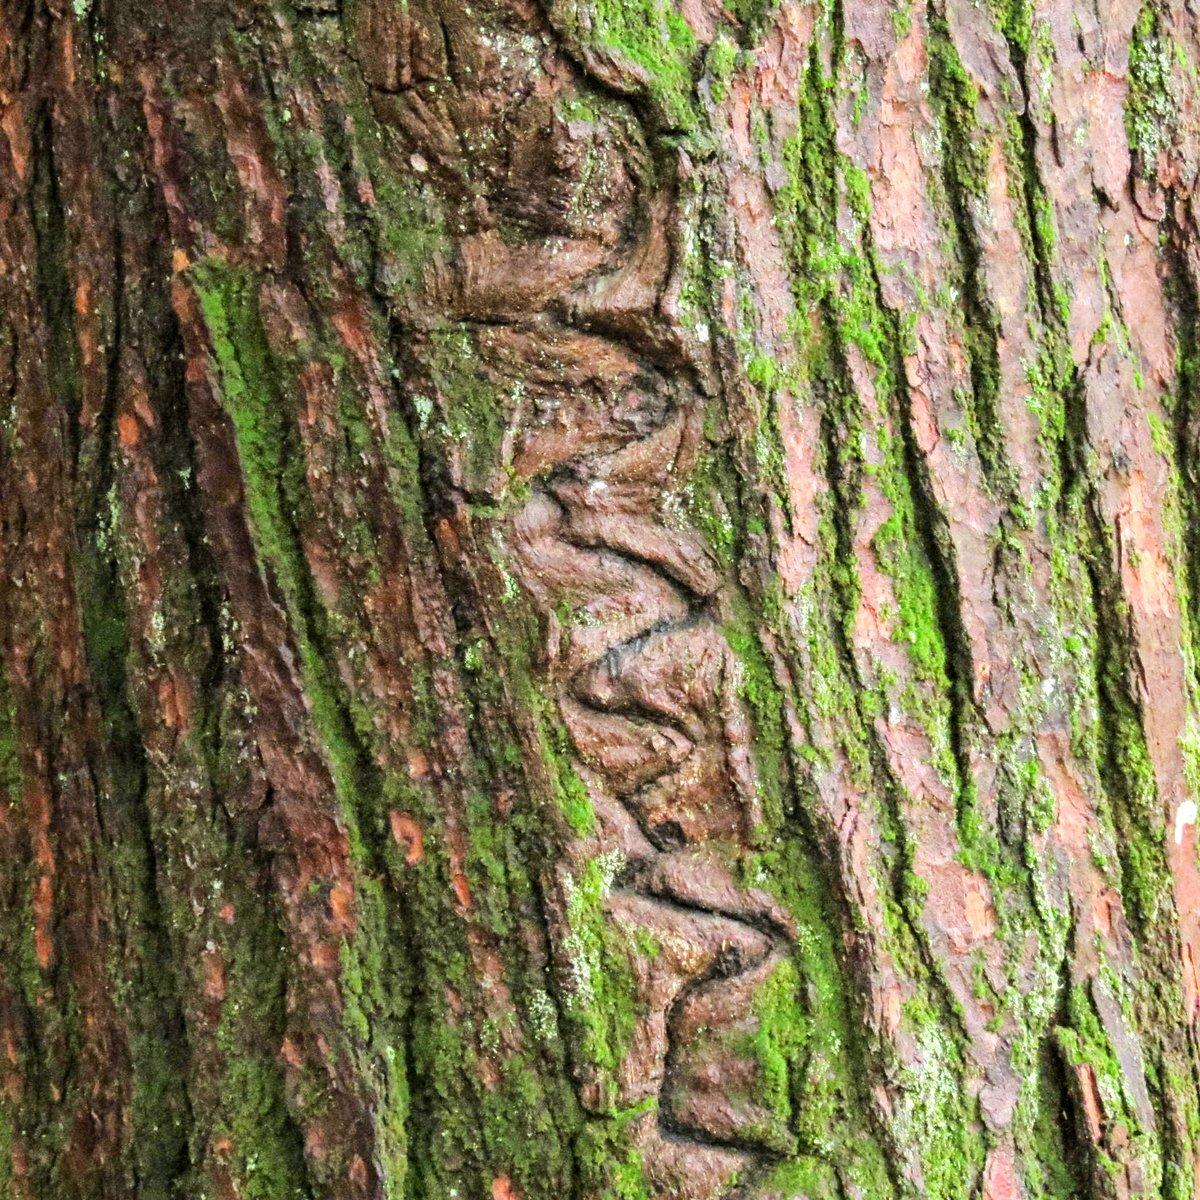 19-zig-zag-scar